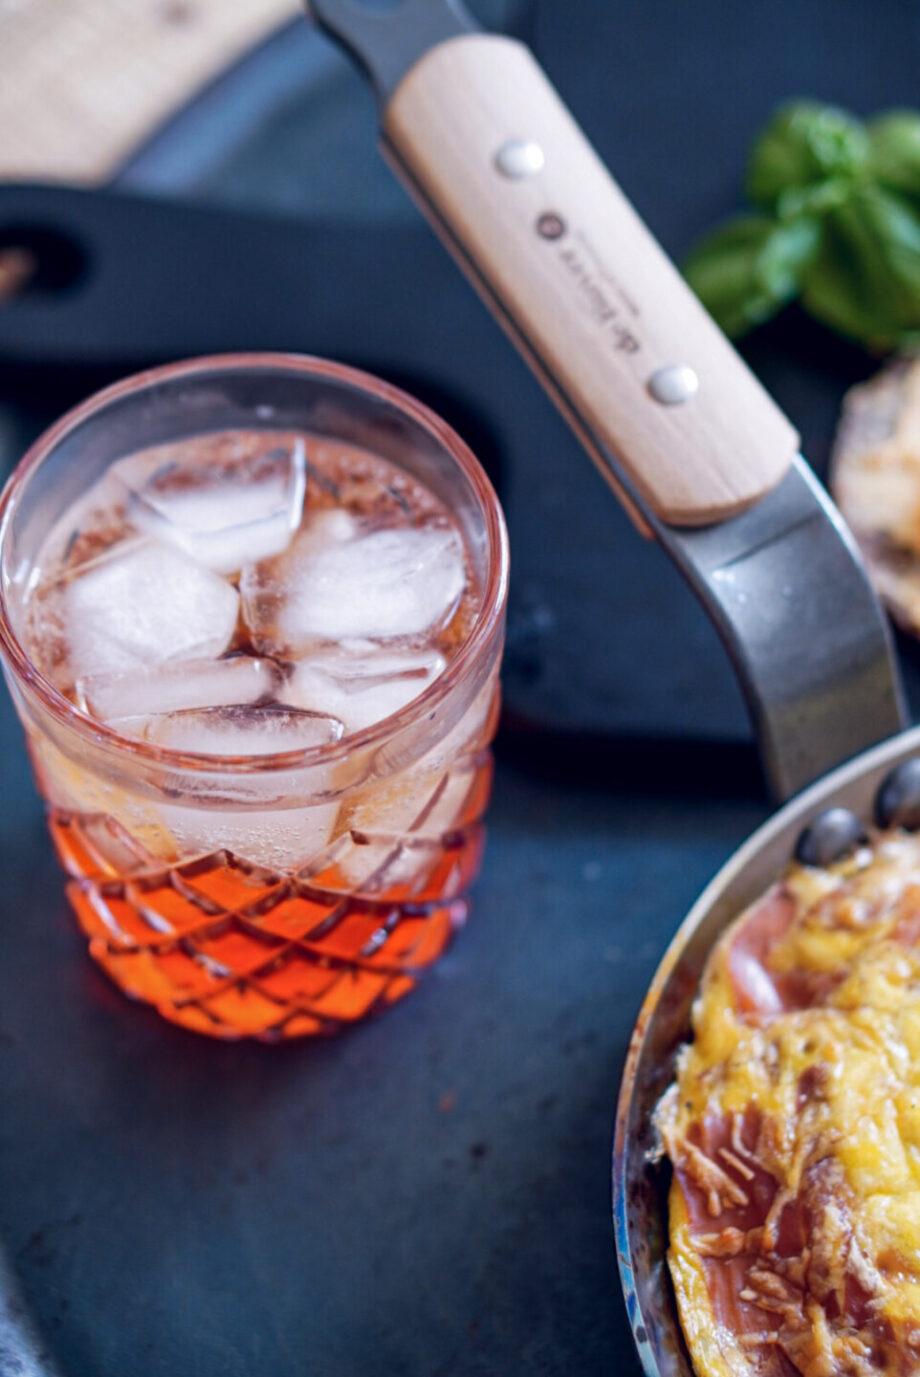 Dekosamstag: Juni Inspiration und das leckerste Omelette für ein Sonntagsfrühstück!